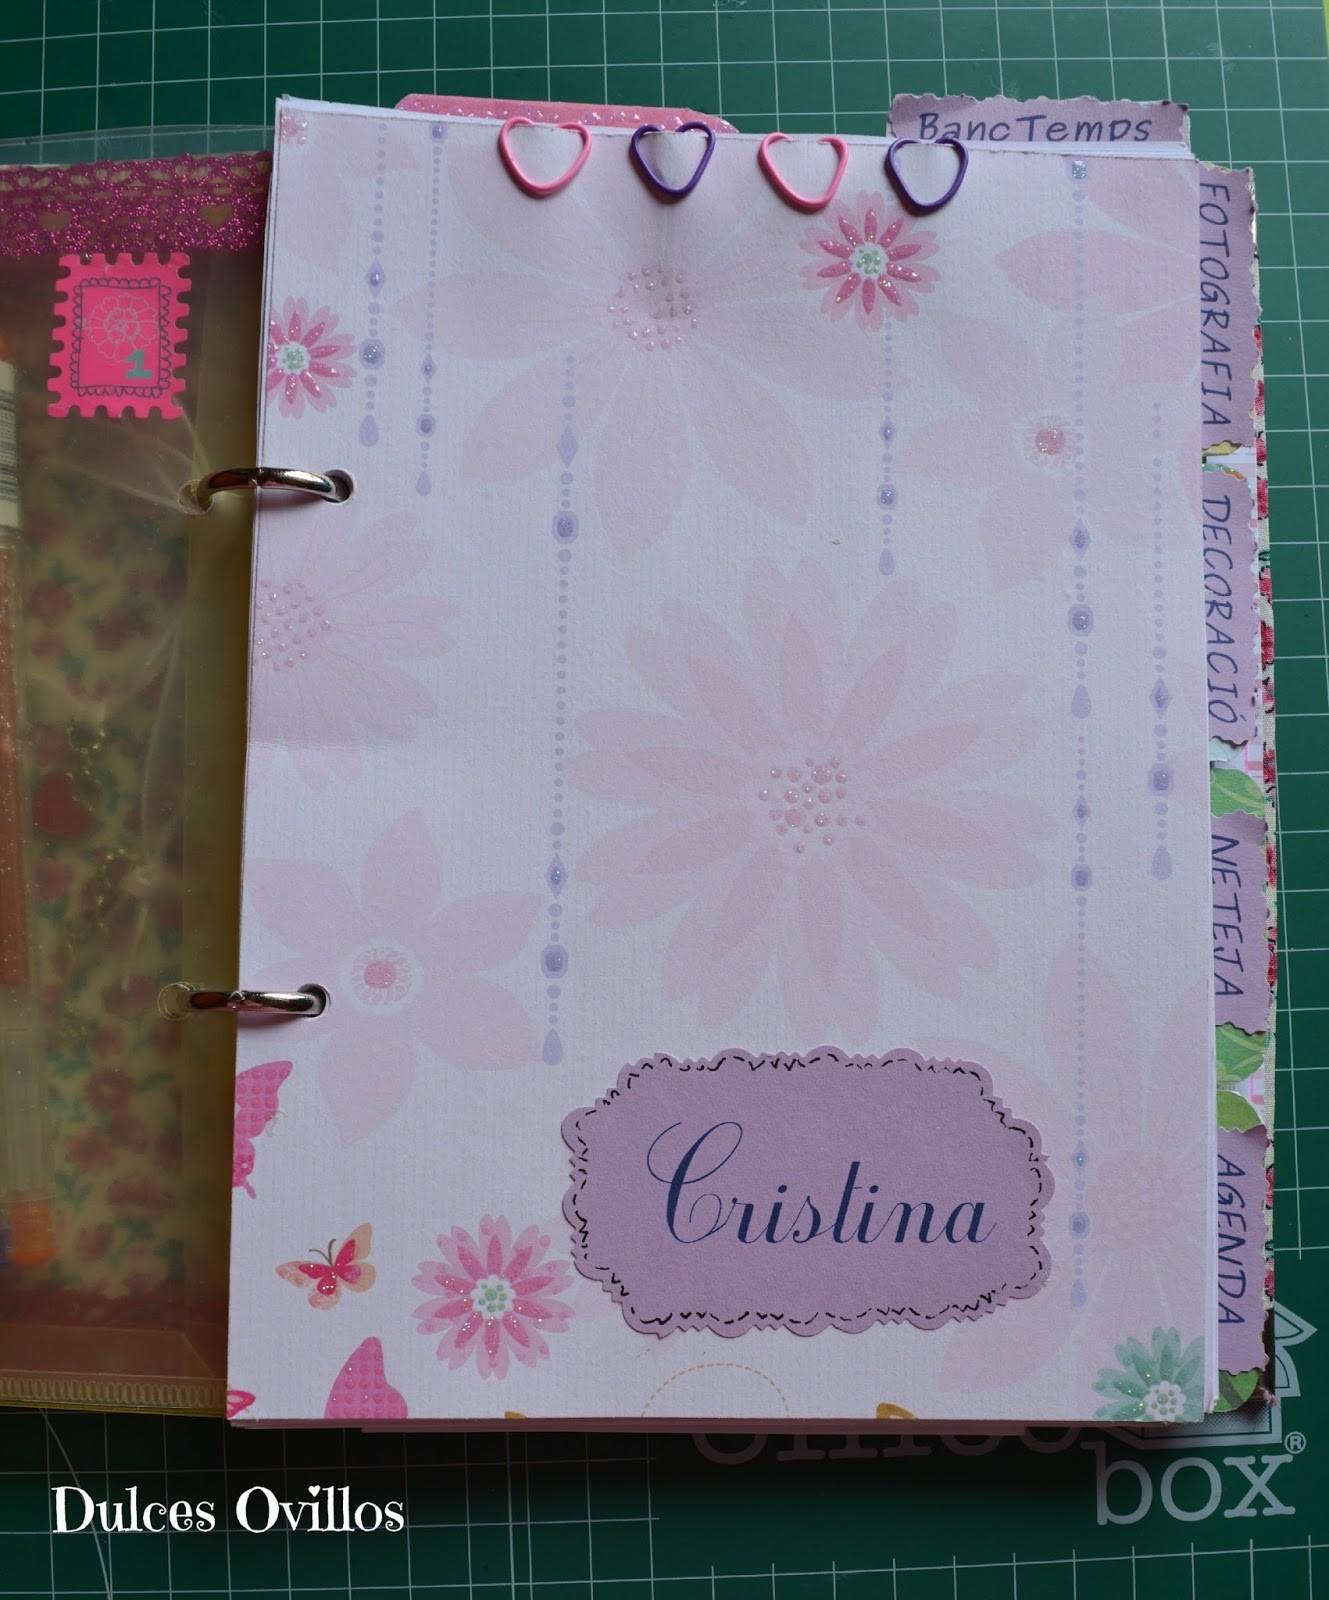 Hacer Calendario De Cumpleaños Para Imprimir Actual Agenda Archivos Página 2 De 3 Handbox Craft Lovers Of Hacer Calendario De Cumpleaños Para Imprimir Actual todo Para eventos Noviembre 2010